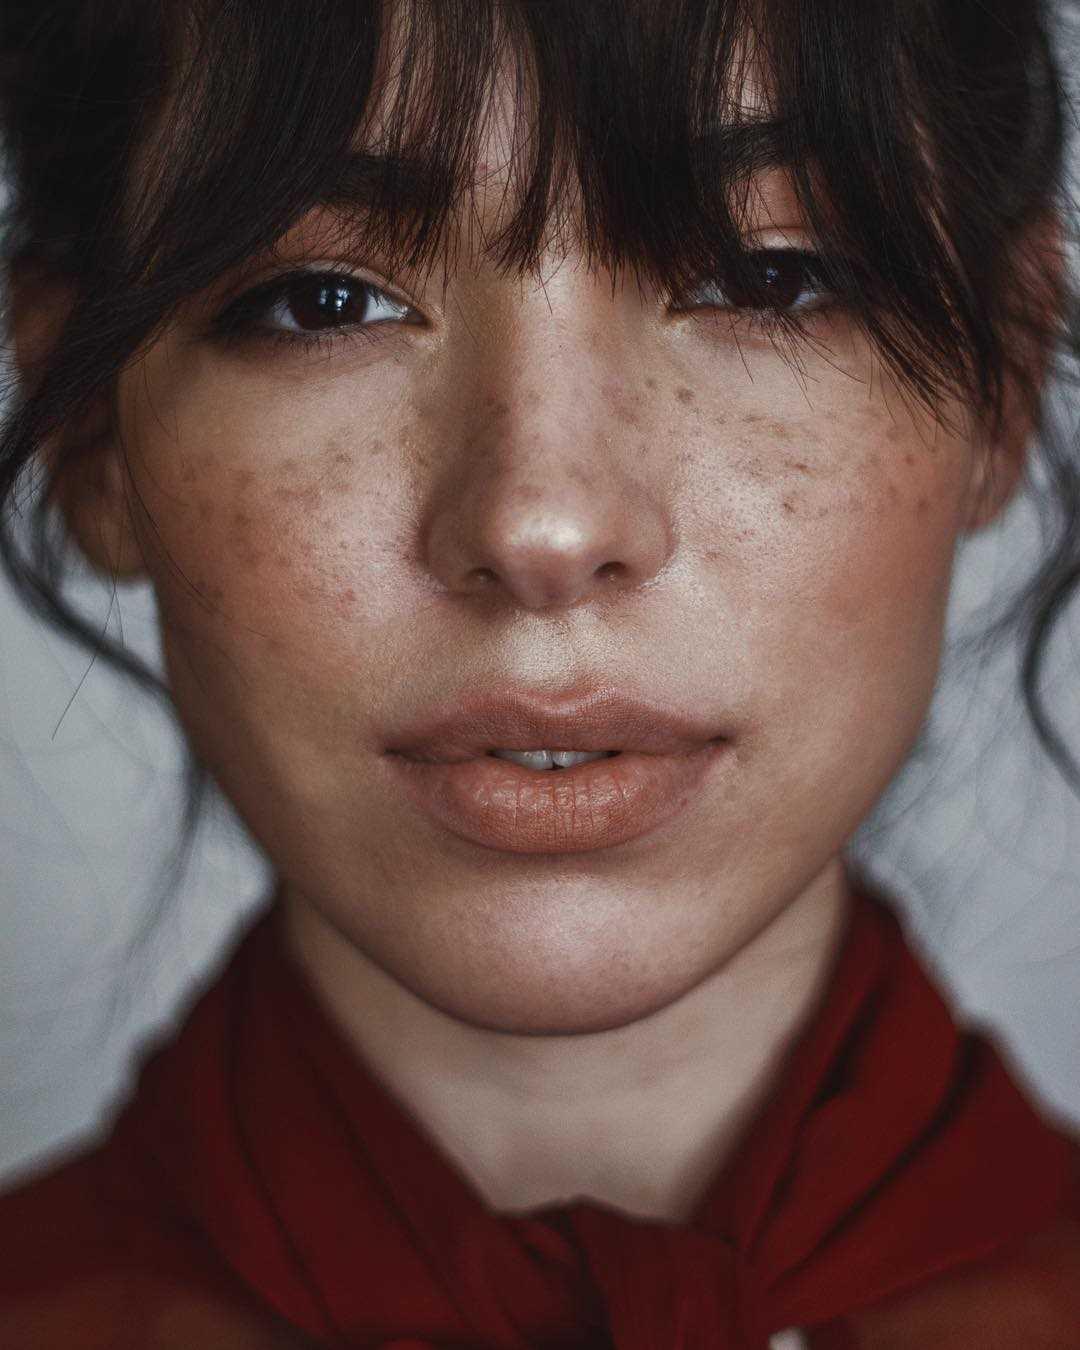 Beautiful Portrait Photography by Gabriel Alejandro Gomez Herrera